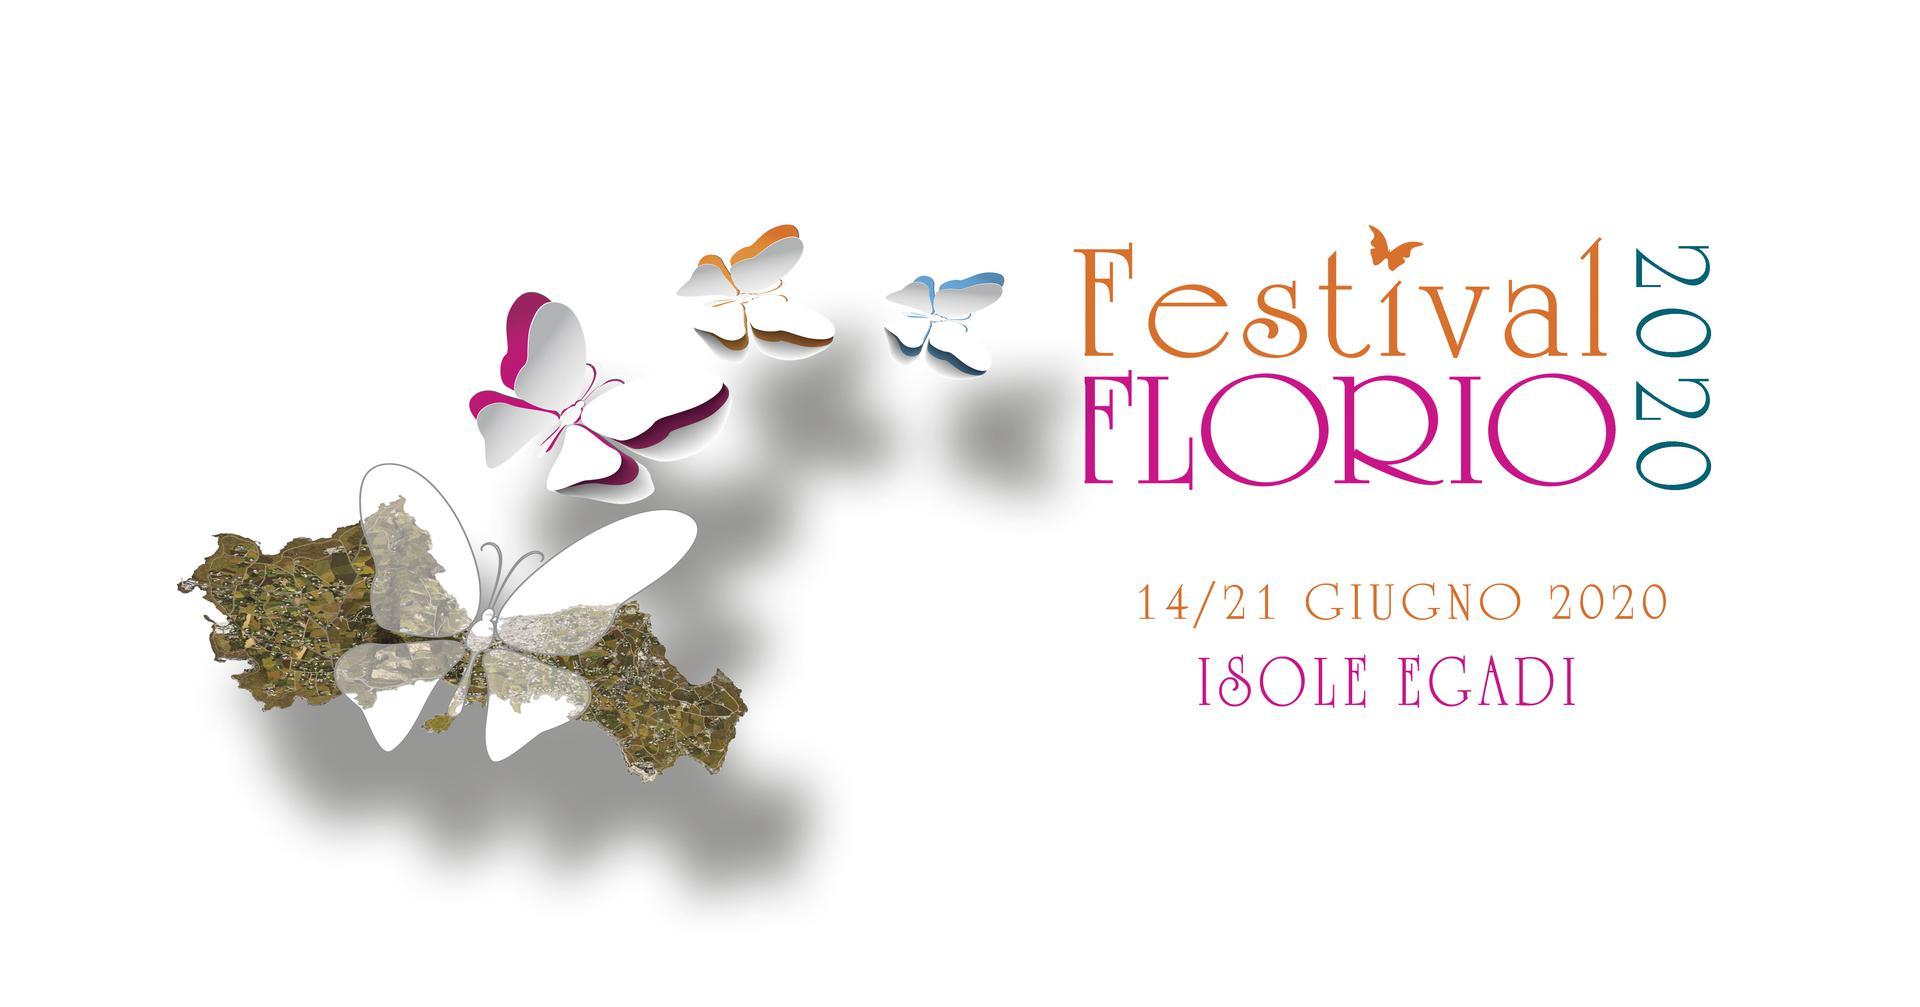 Festivalflorio 2020, Favignana – dal 14 al 21 giugno l'ottava edizione